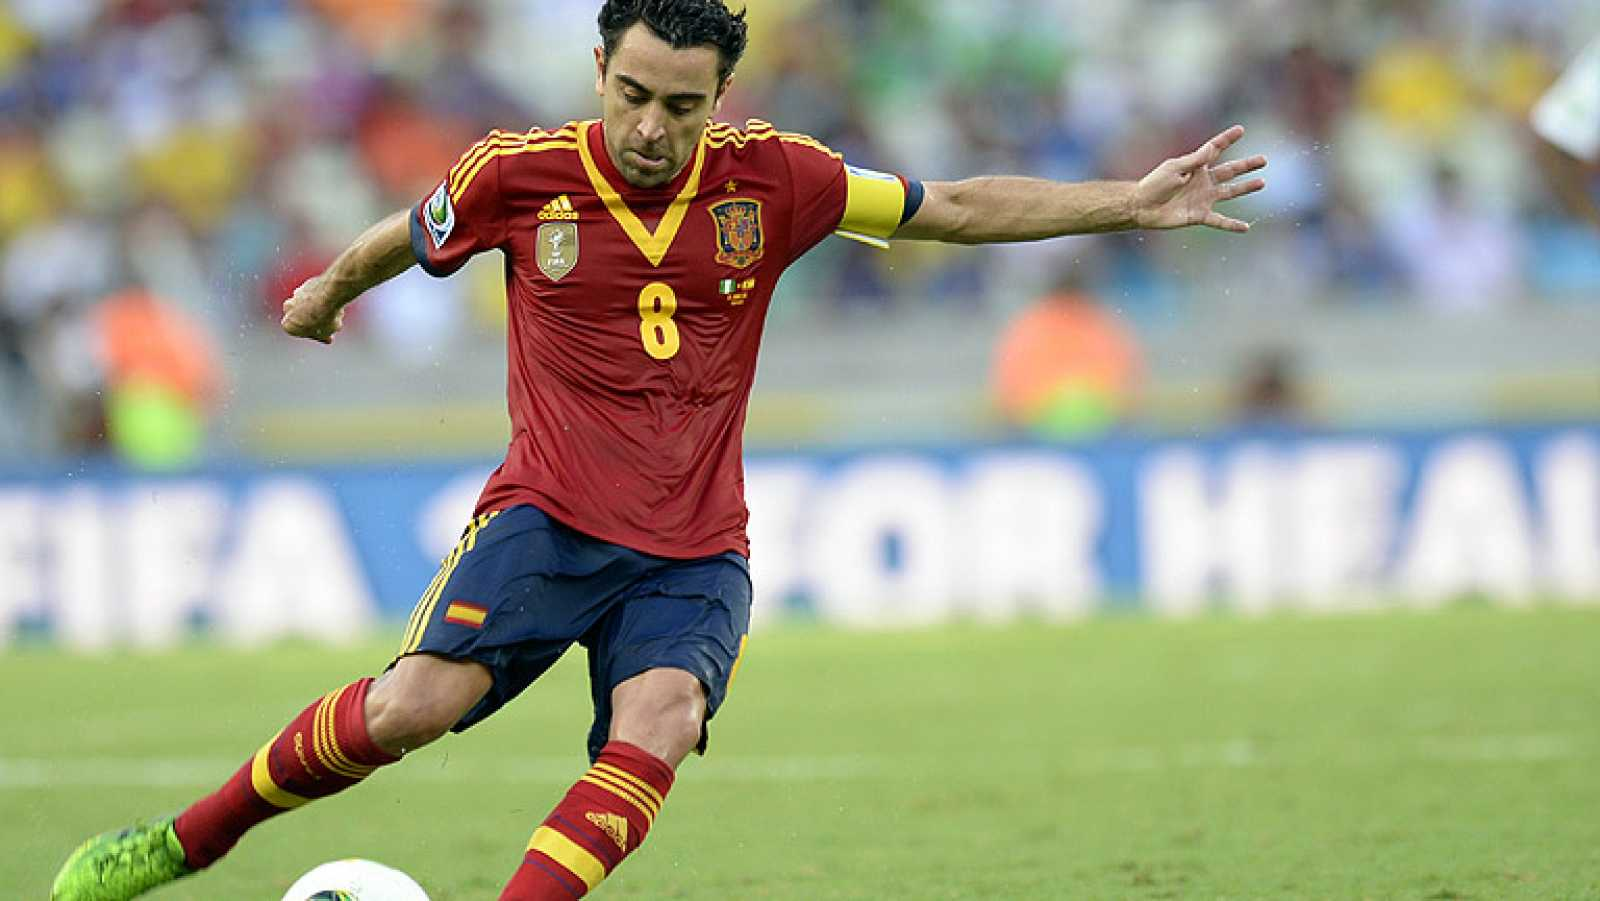 Xavi Hernández, uno de los jugadores más importantes de la historia de la selección, ha anunciado su adiós a su carrera como internacional.